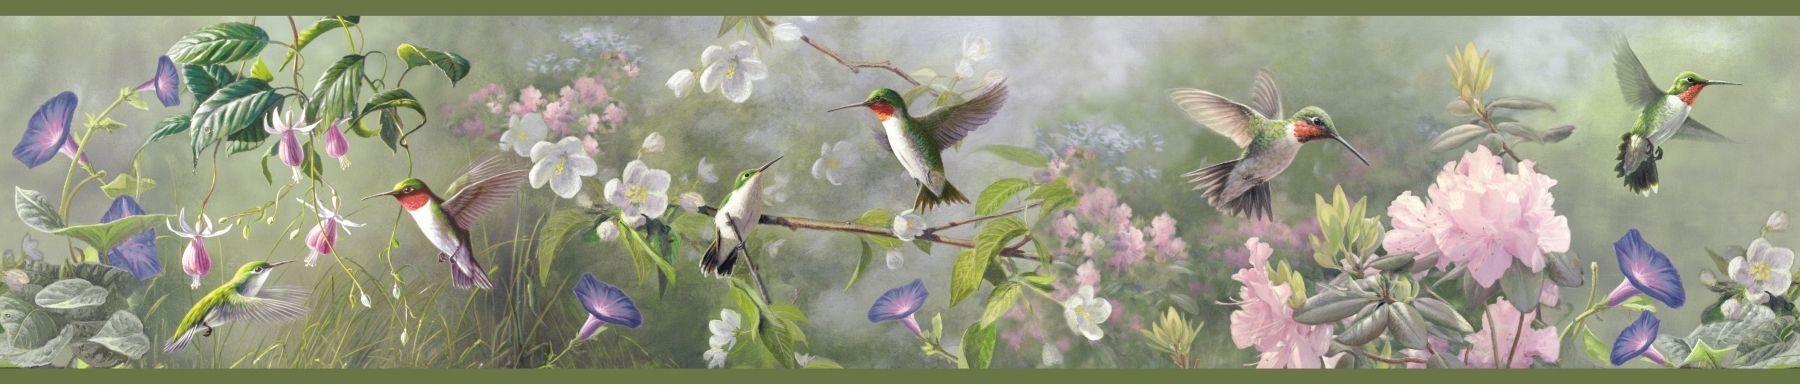 hummingbird wallpaper border 2019 Hummingbird wallpaper